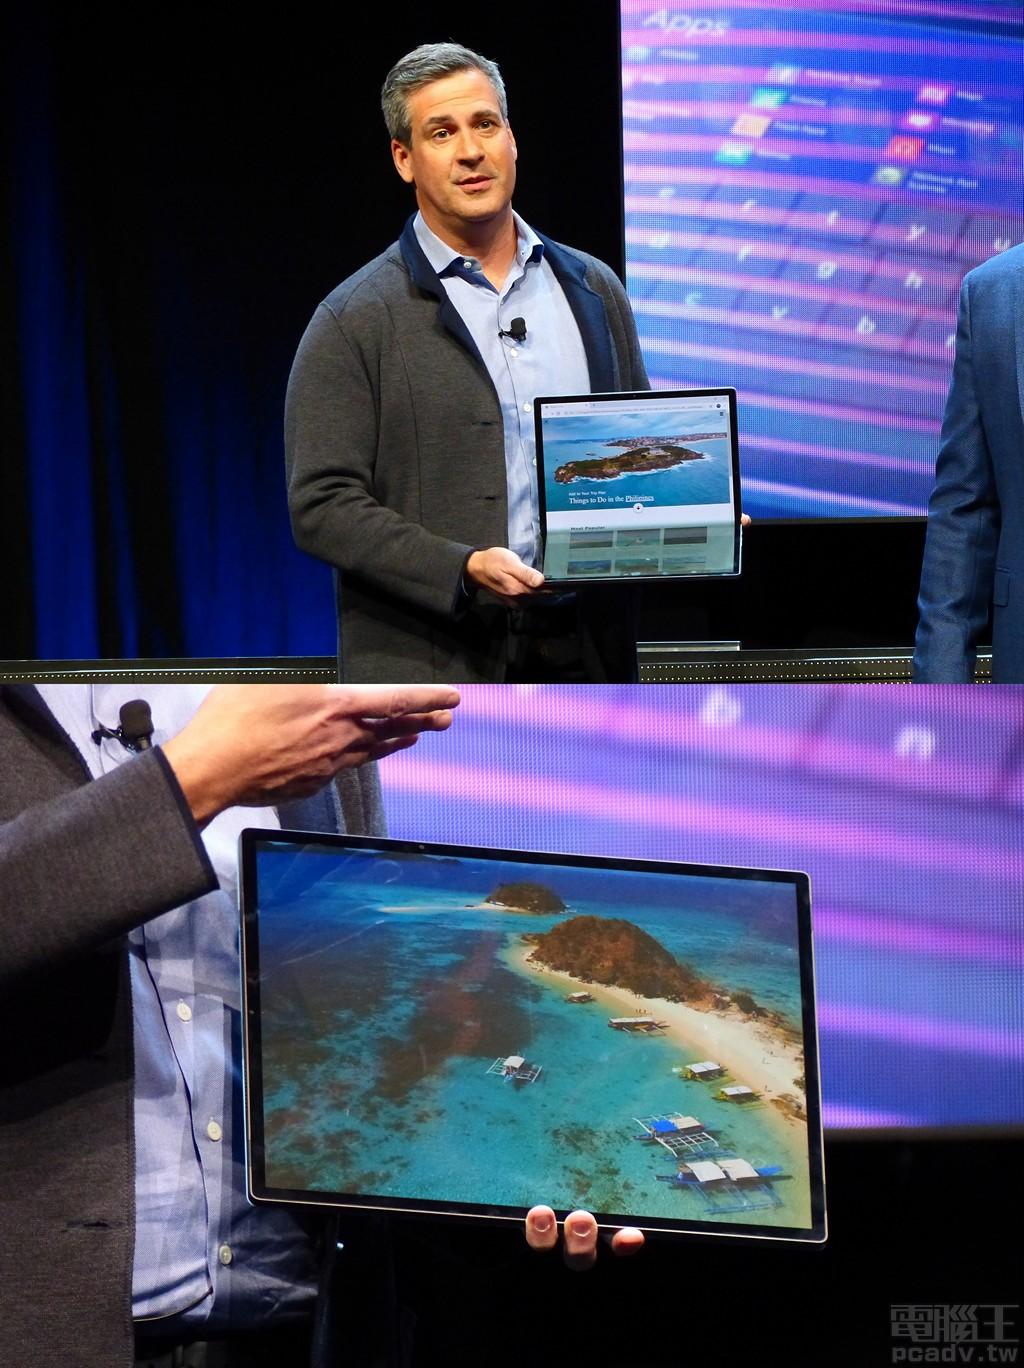 概念機代號「Horseshoe Bend」採用可折疊式 OLED 螢幕,攤平後的螢幕尺寸達 17 吋以上,但是折疊後卻僅僅佔有 12 吋筆電的體積,內建下一世代行動版處理器代號 Tiger Lake。